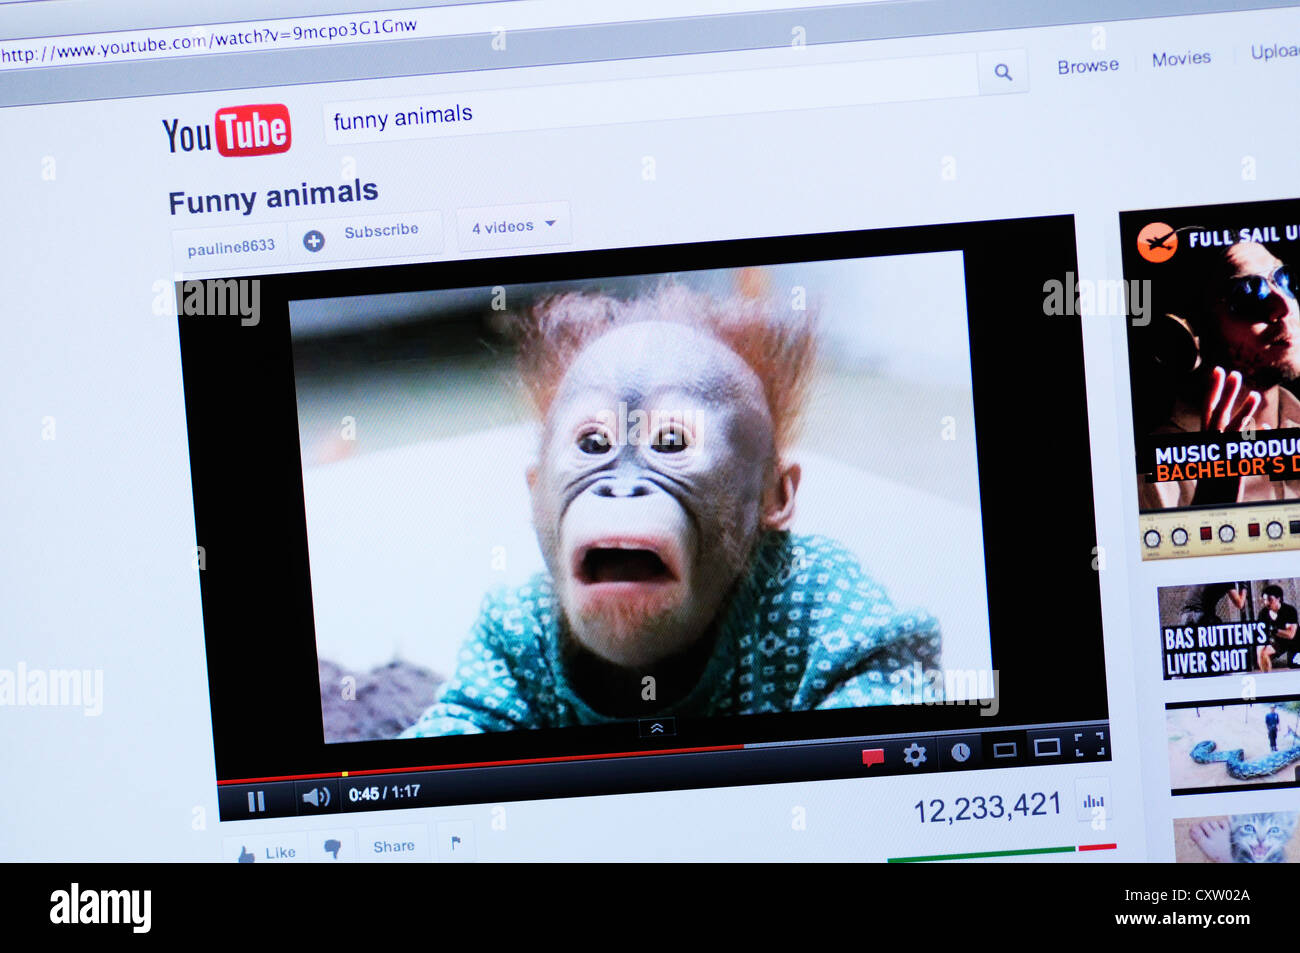 Site Web Youtube Video En Ligne D Animaux Droles Photo Stock Alamy